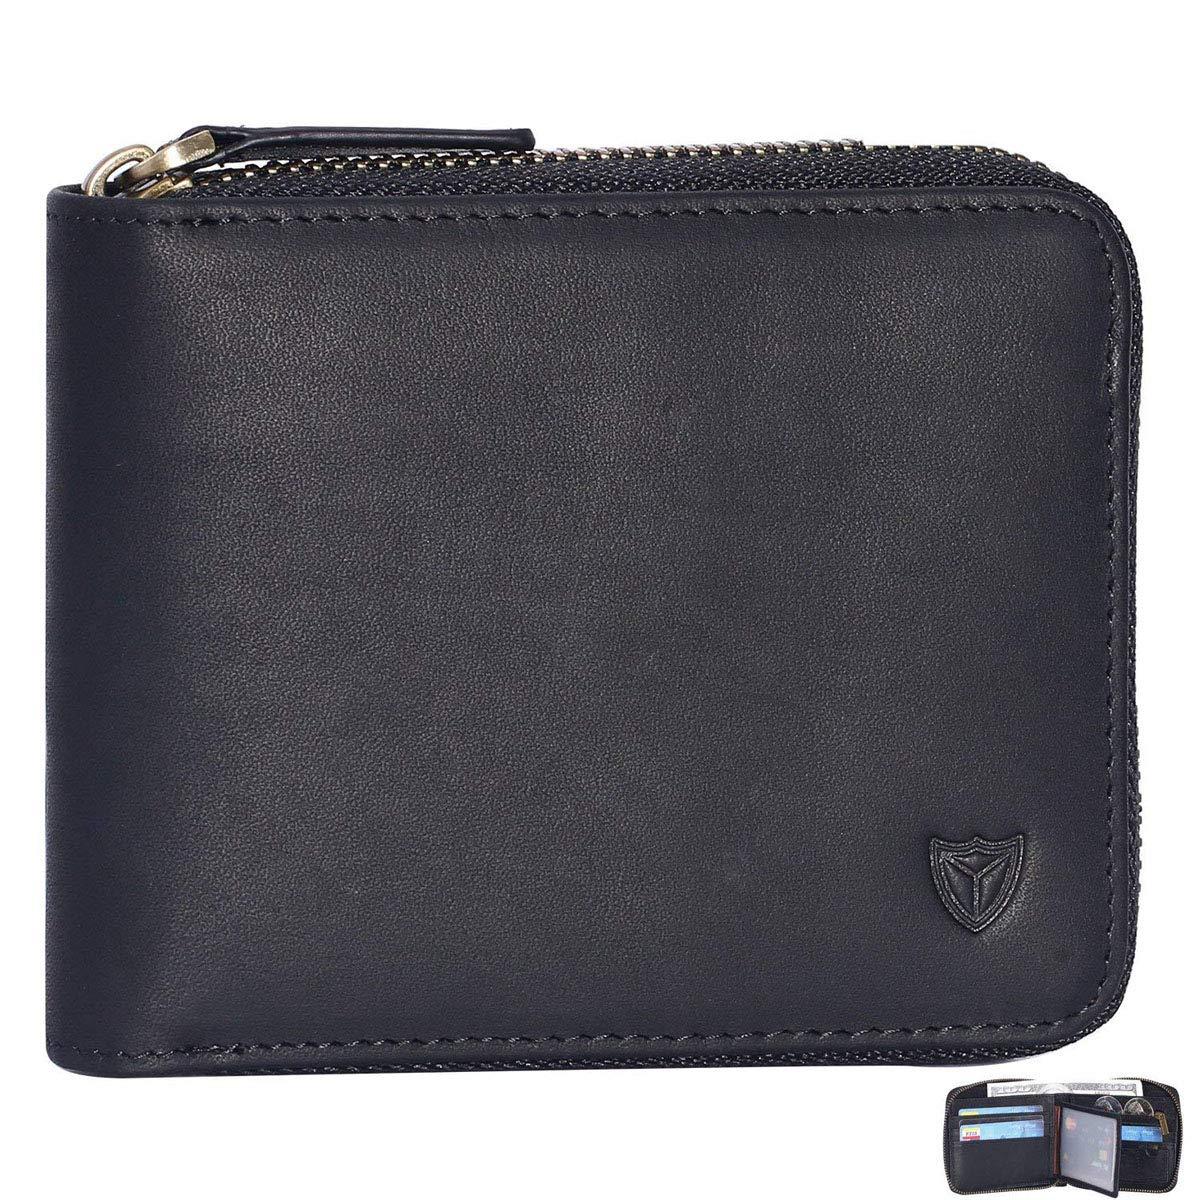 RFID Men's Leather Zipper wallet Zip Around Wallet Bifold Multi Card Holder Purse (Black)